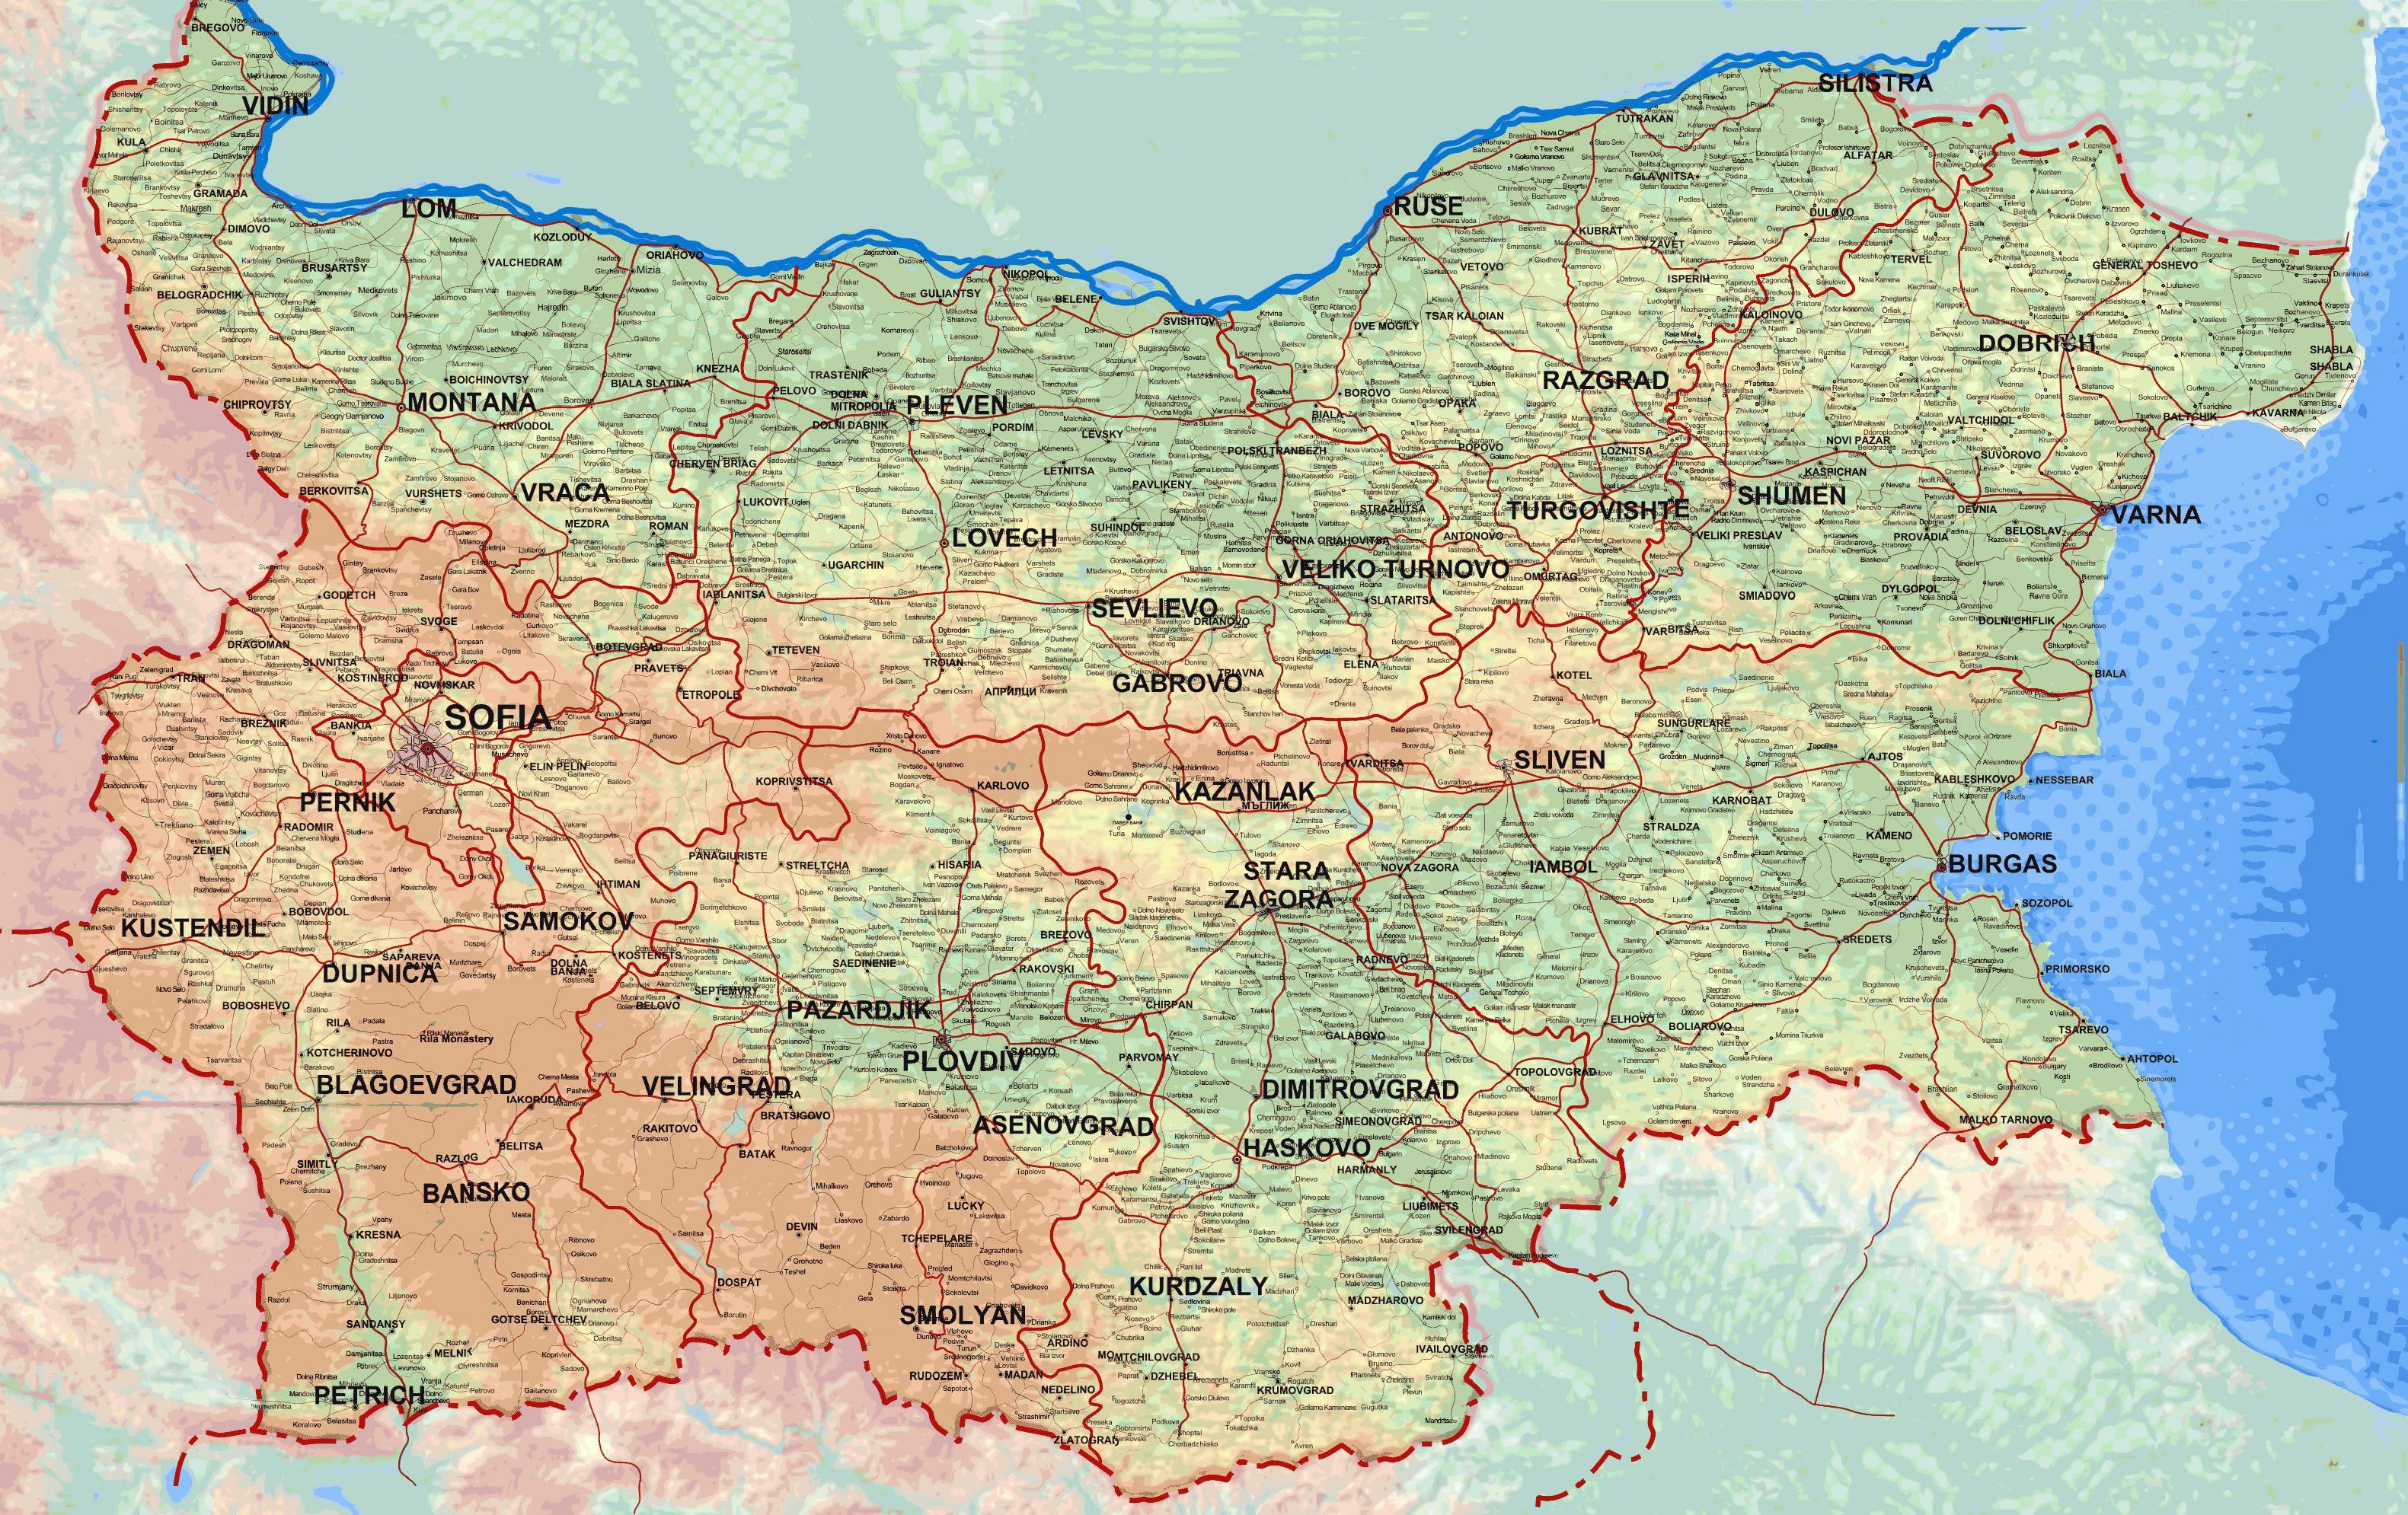 Detaljne Mapu Bugarske Mapu Za Detaljne Mapu Bugarske Istocne